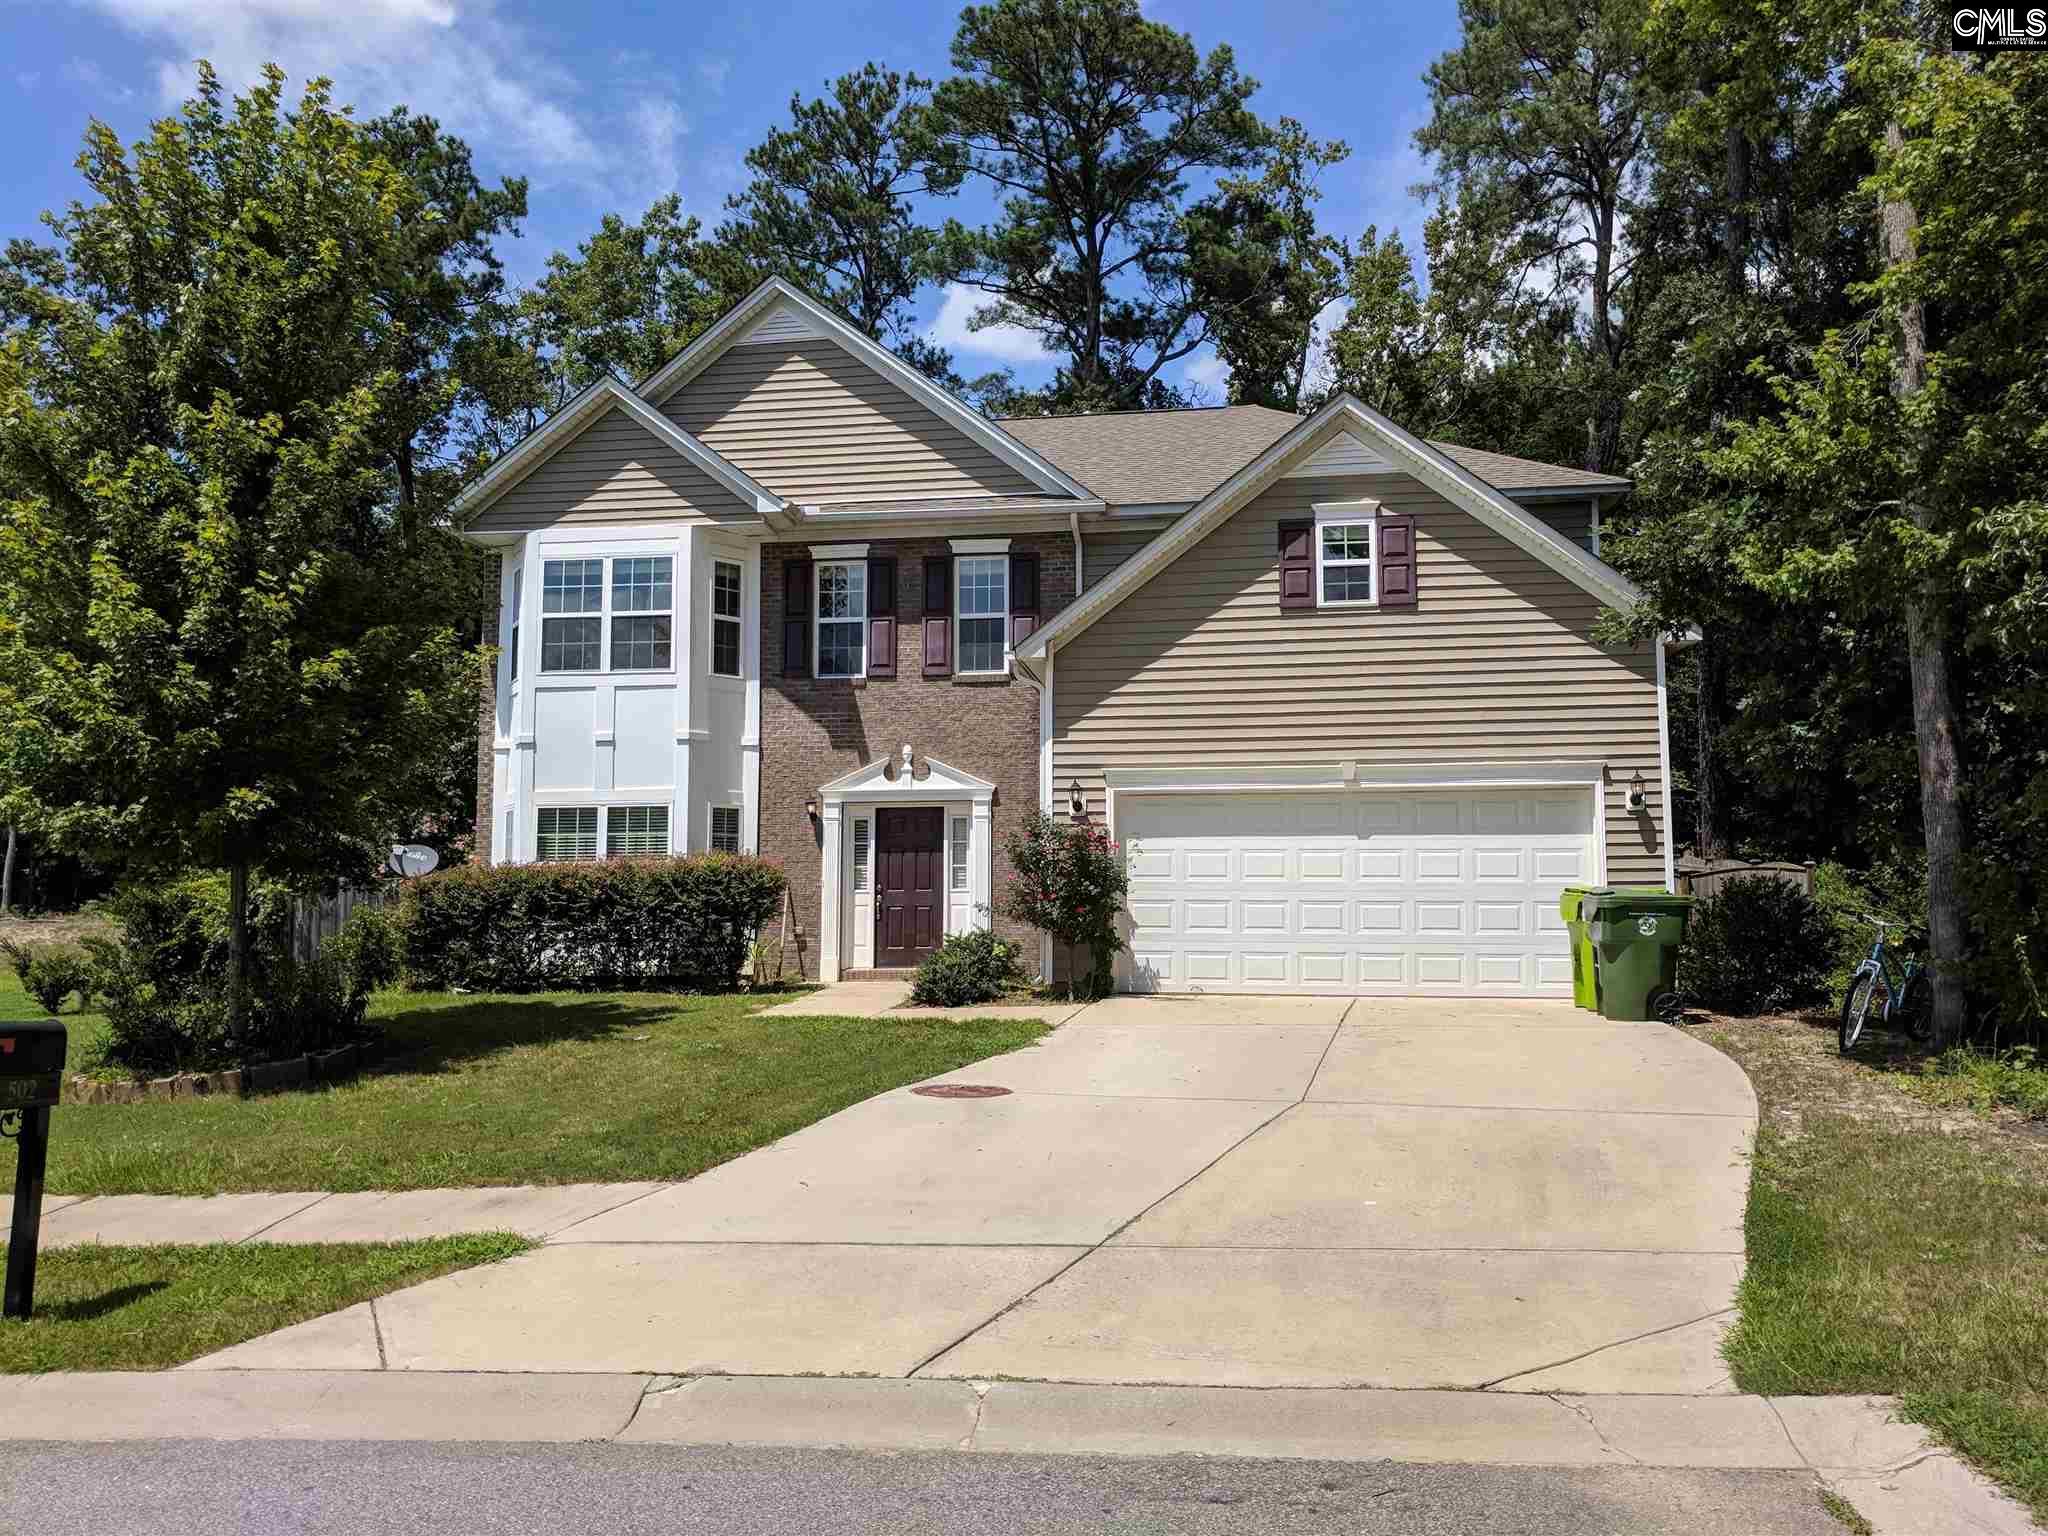 502 Flat Creek Blythewood, SC 29016